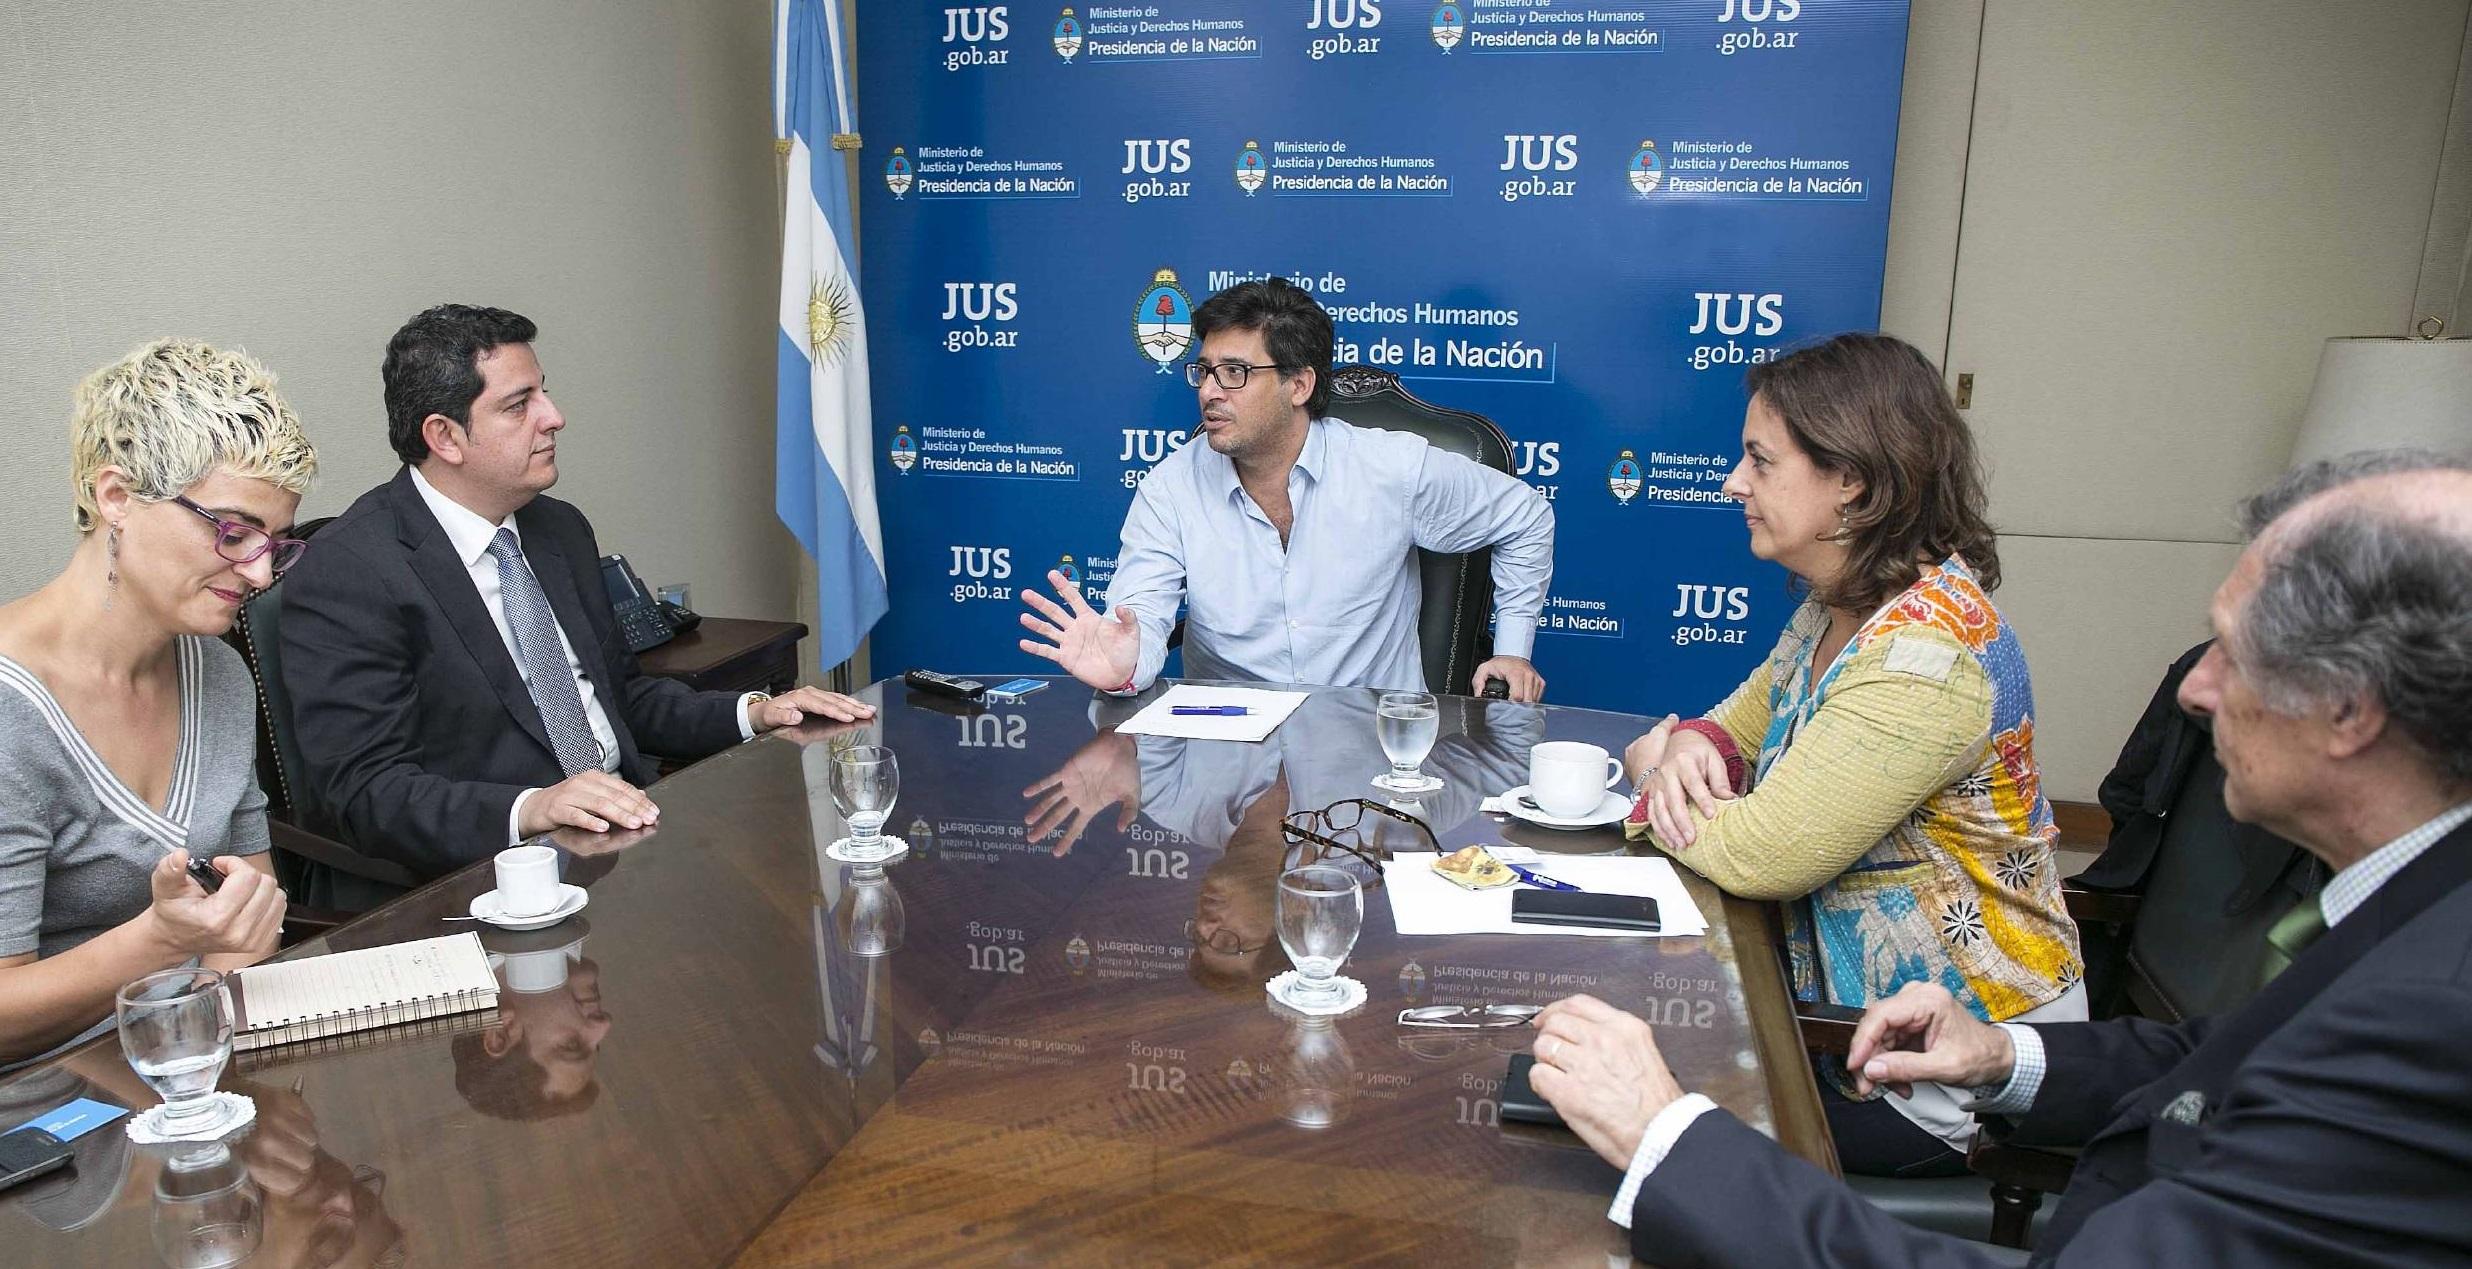 Apoyo de la Conferencia de Ministros de Justicia de los Países Iberoamericanos al plan Justicia 2020